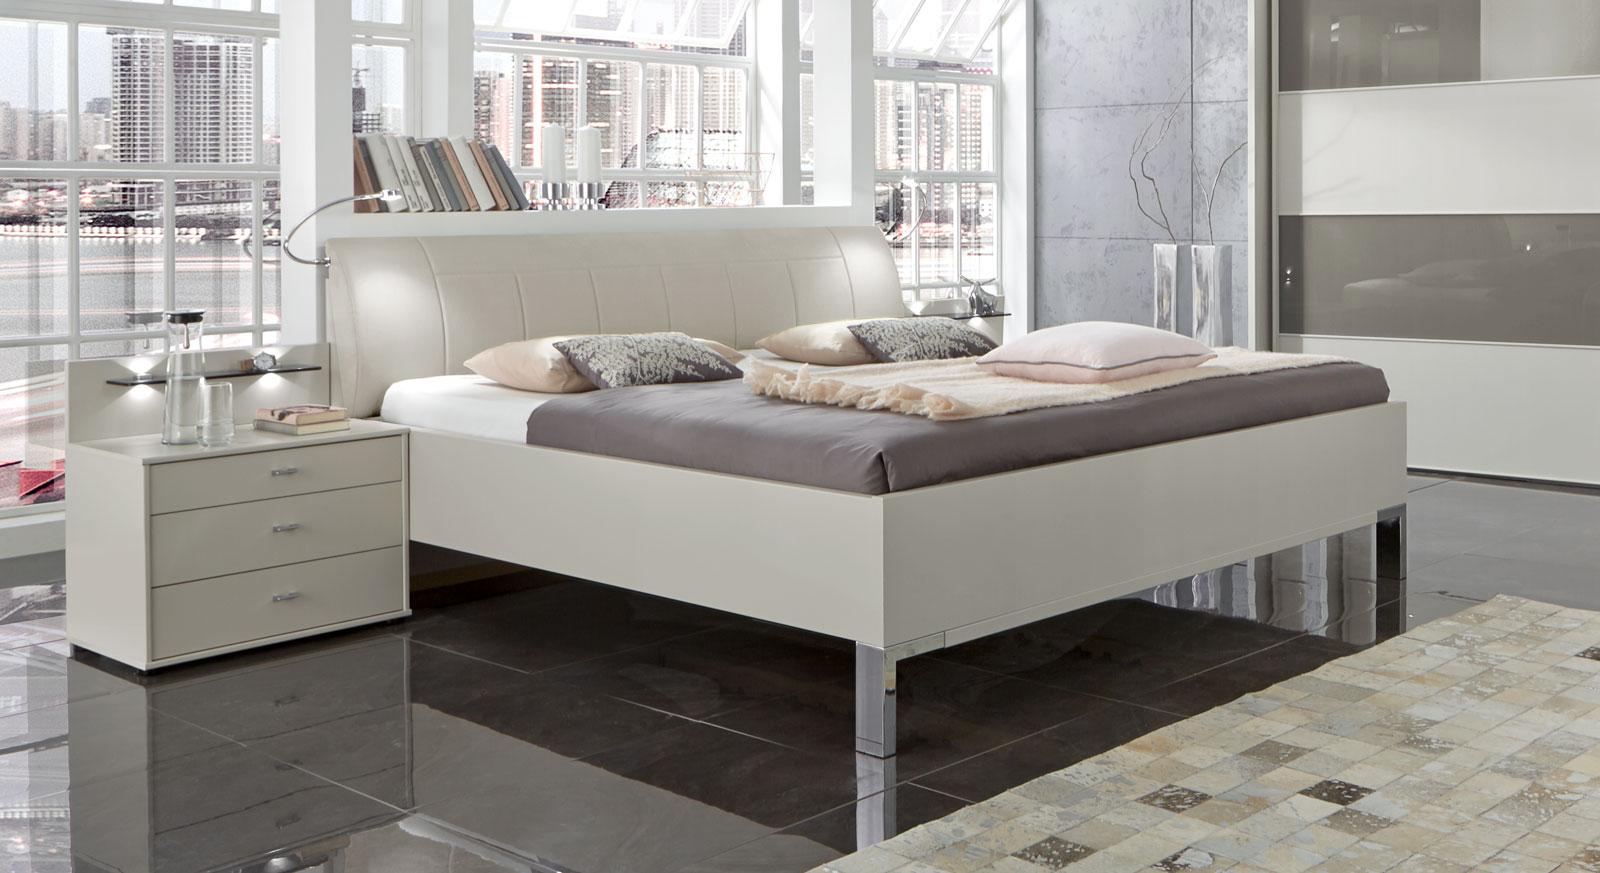 Bett Baria ist für viele Wasserbettsysteme passend